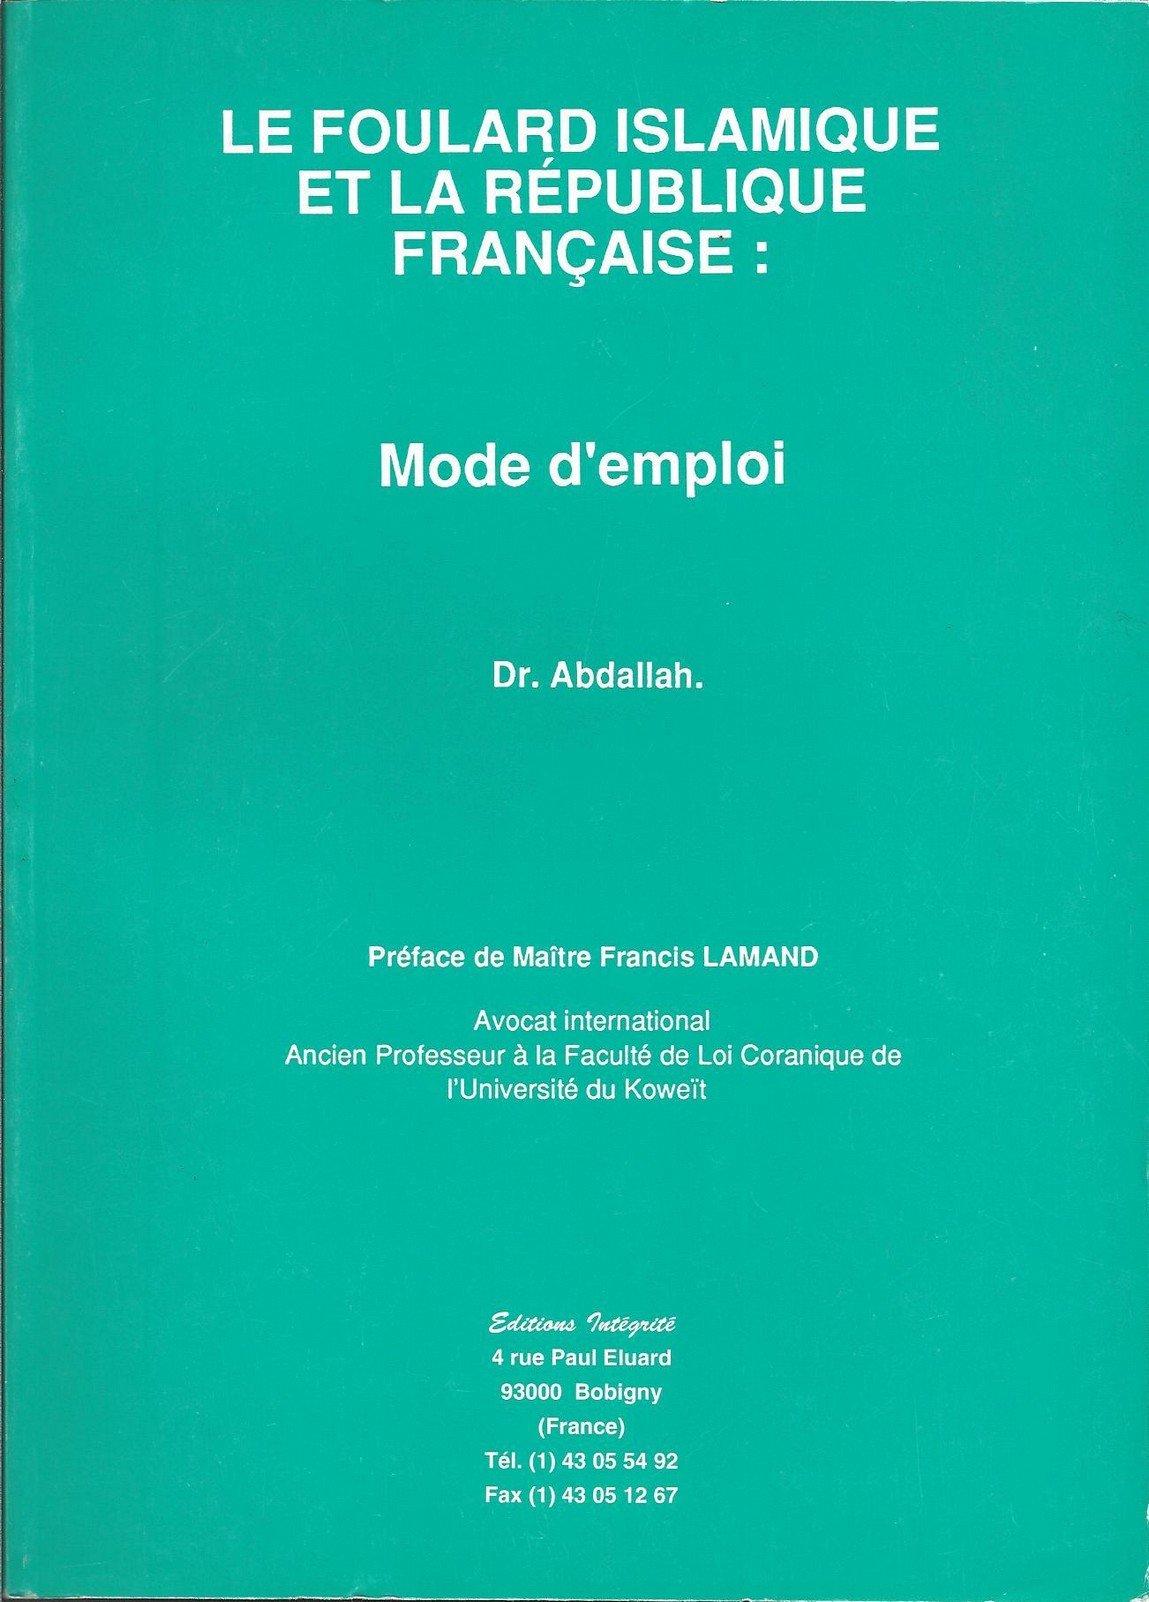 """Résultat de recherche d'images pour """"LE FOULARD ISLAMIQUE ET LA RÉPUBLIQUE FRANÇAISE : Mode d'emploi"""""""